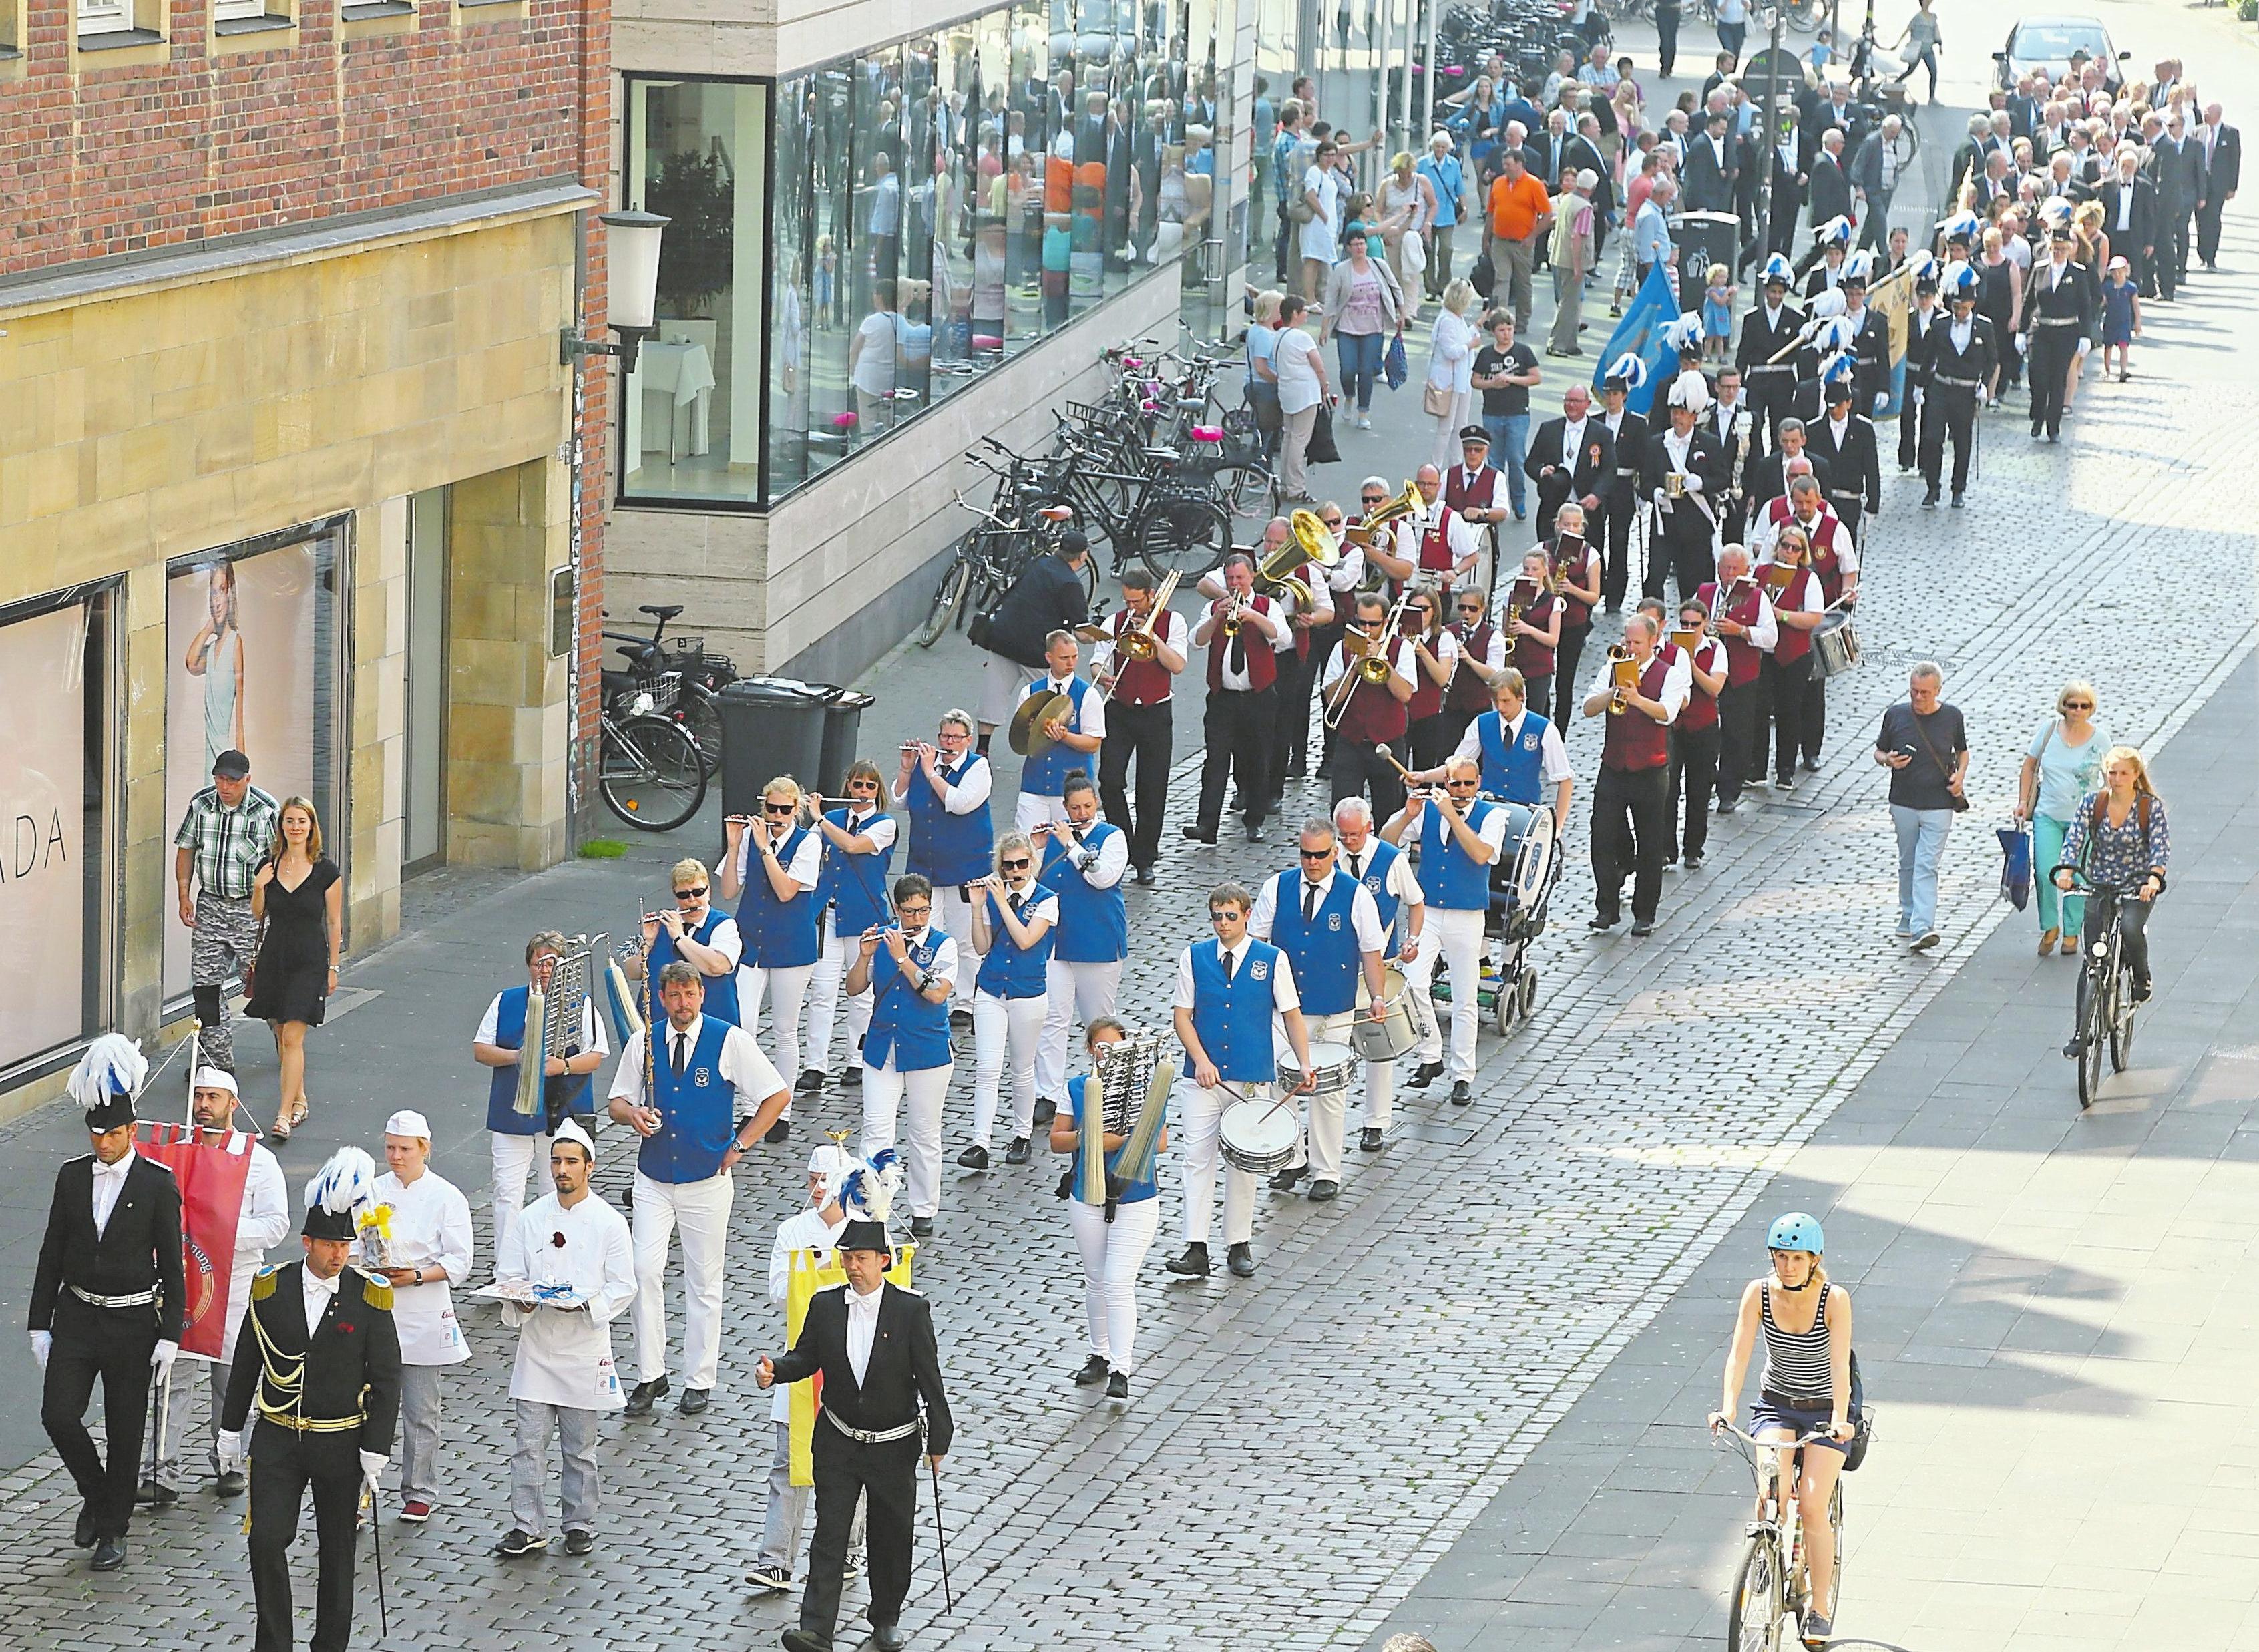 """Mit einem großen Festzug durch die Stadt feiern die Bäcker und Konditoren am 17. Juni ihren """"Guten Montag"""". Foto: Oliver Werner"""